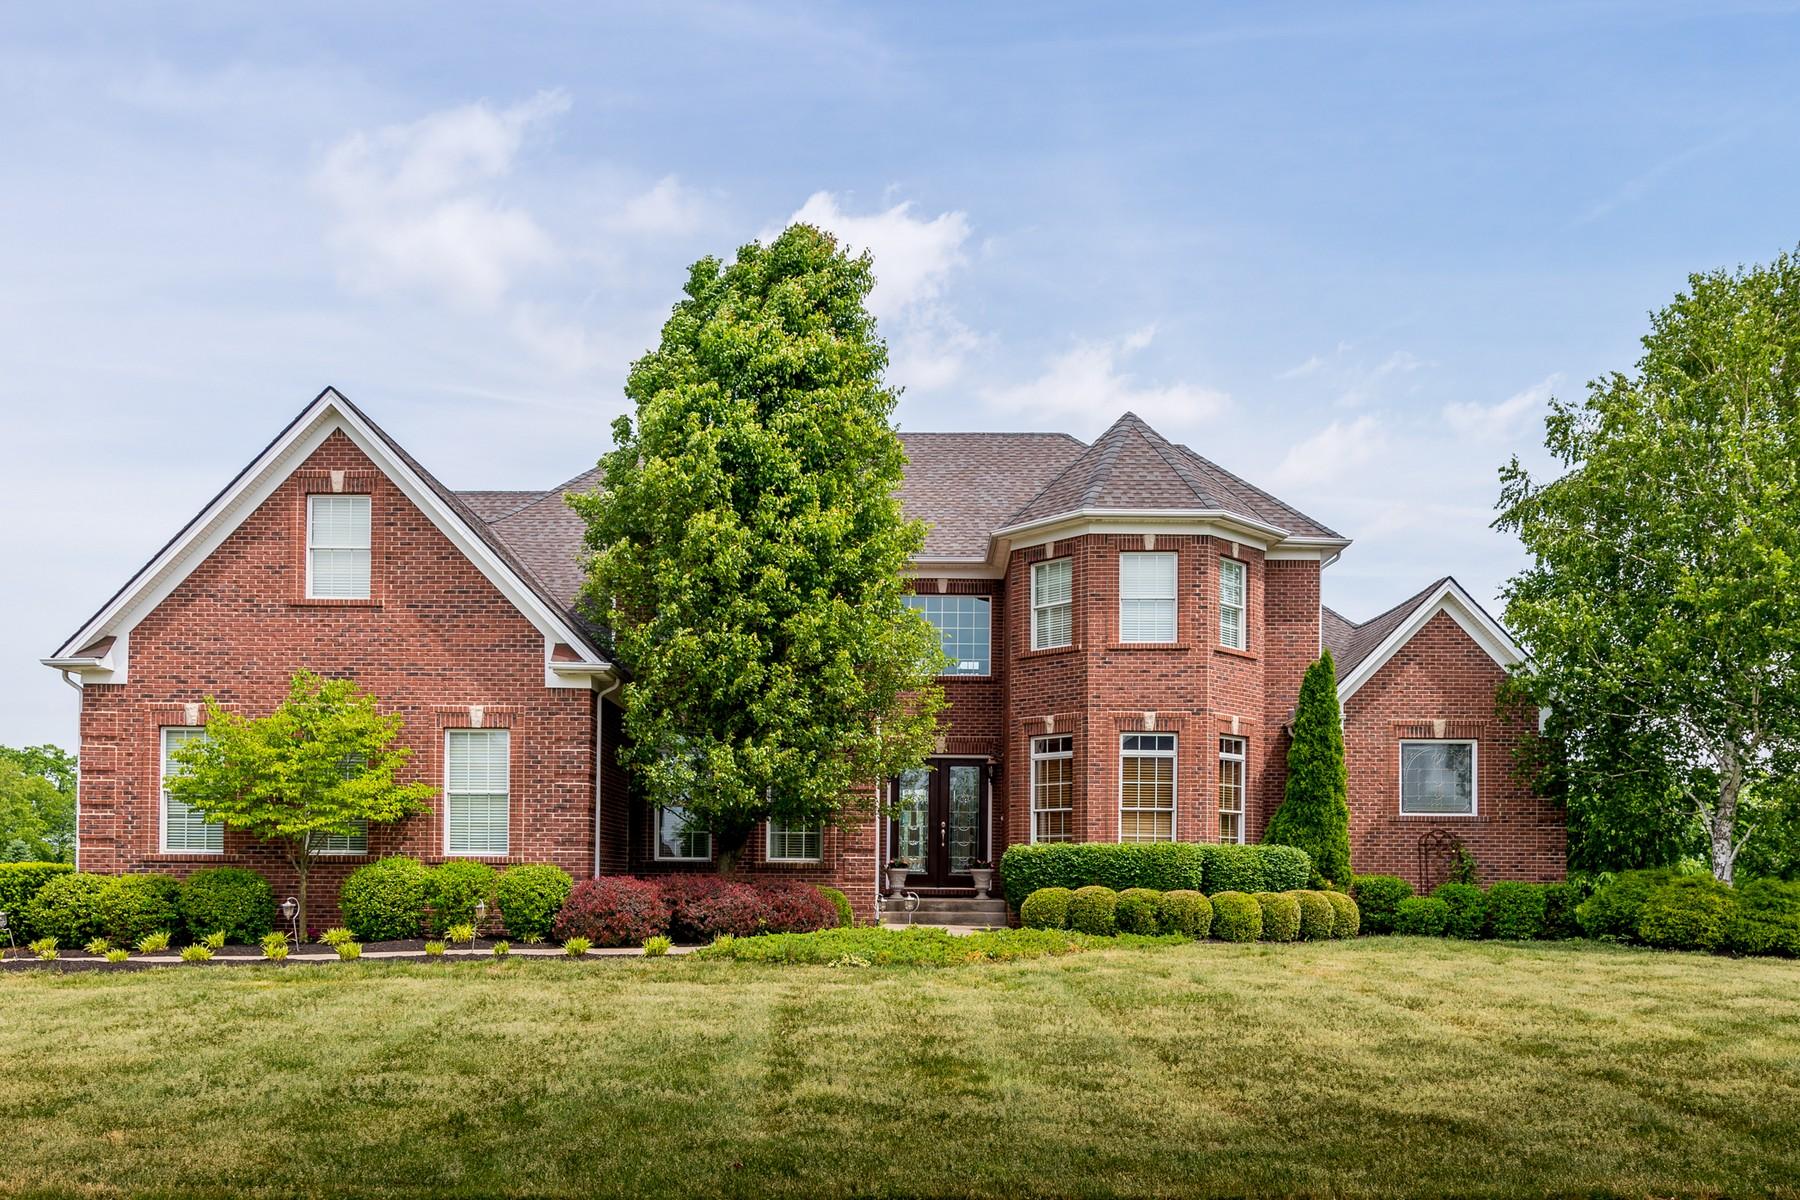 Villa per Vendita alle ore 202 Golf Club Drive Nicholasville, Kentucky, 40356 Stati Uniti